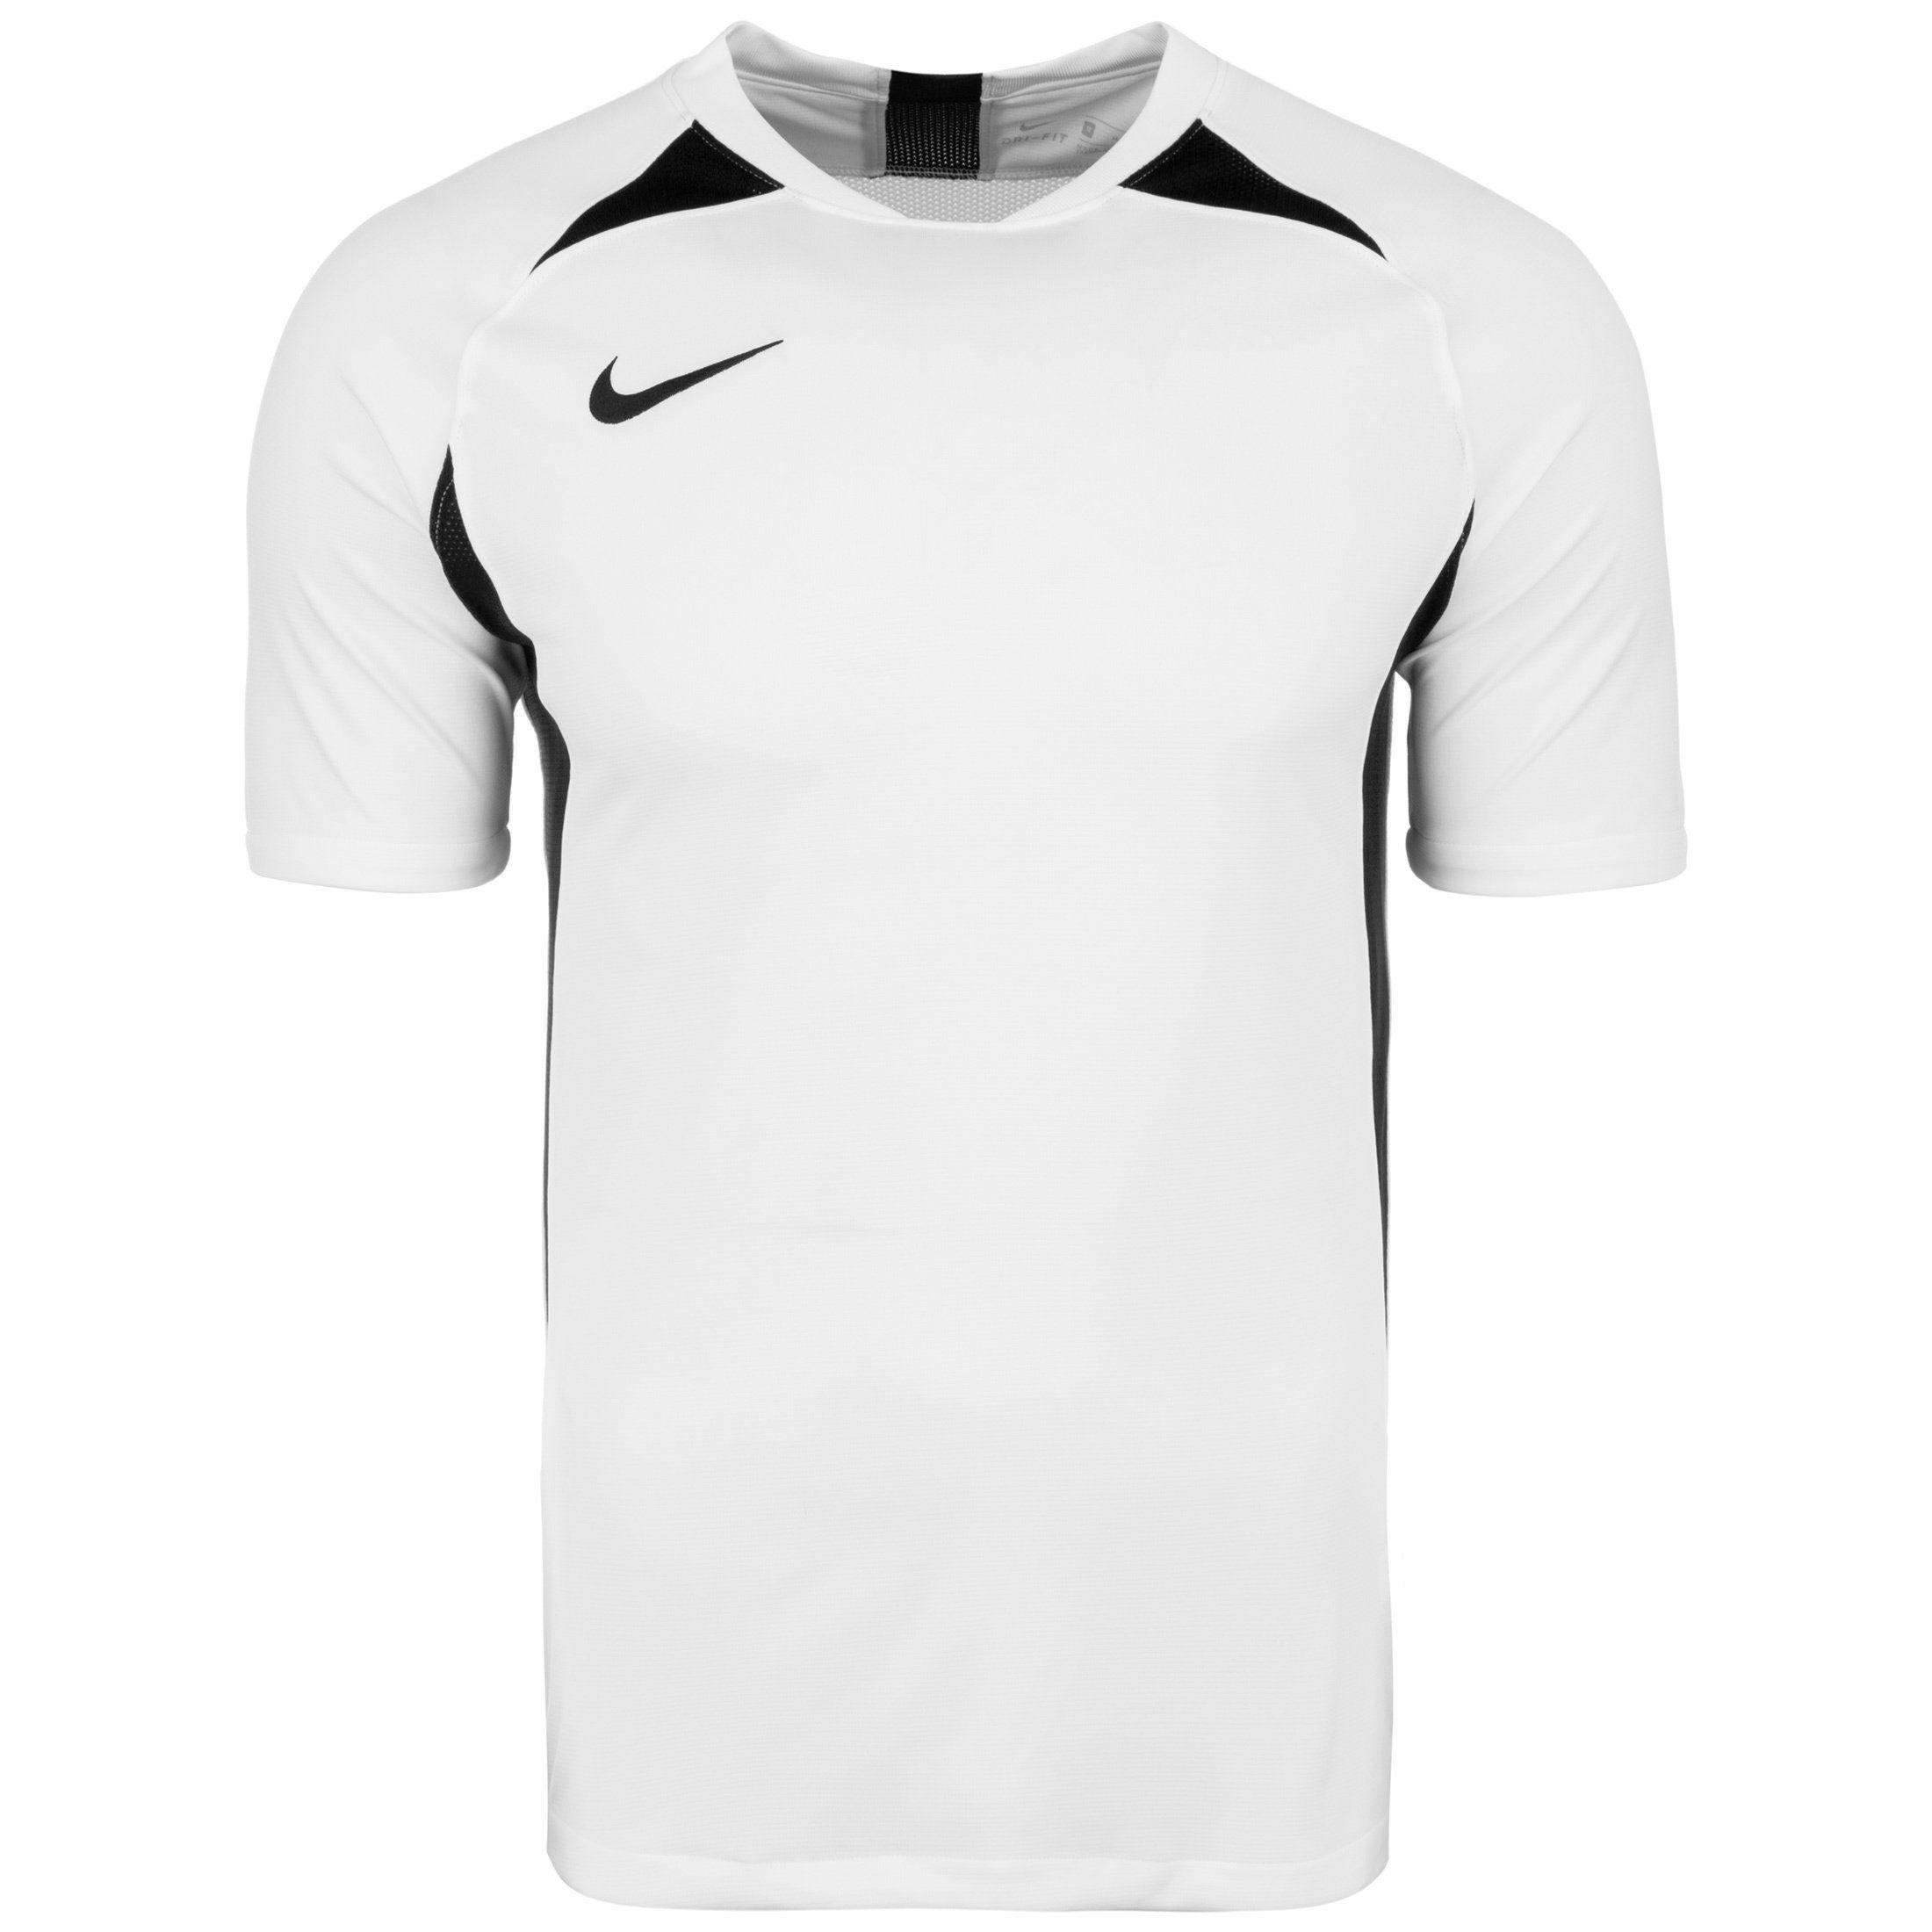 Nike Fußballtrikot Dri-fit Striker V | Sportbekleidung > Trikots | Nike